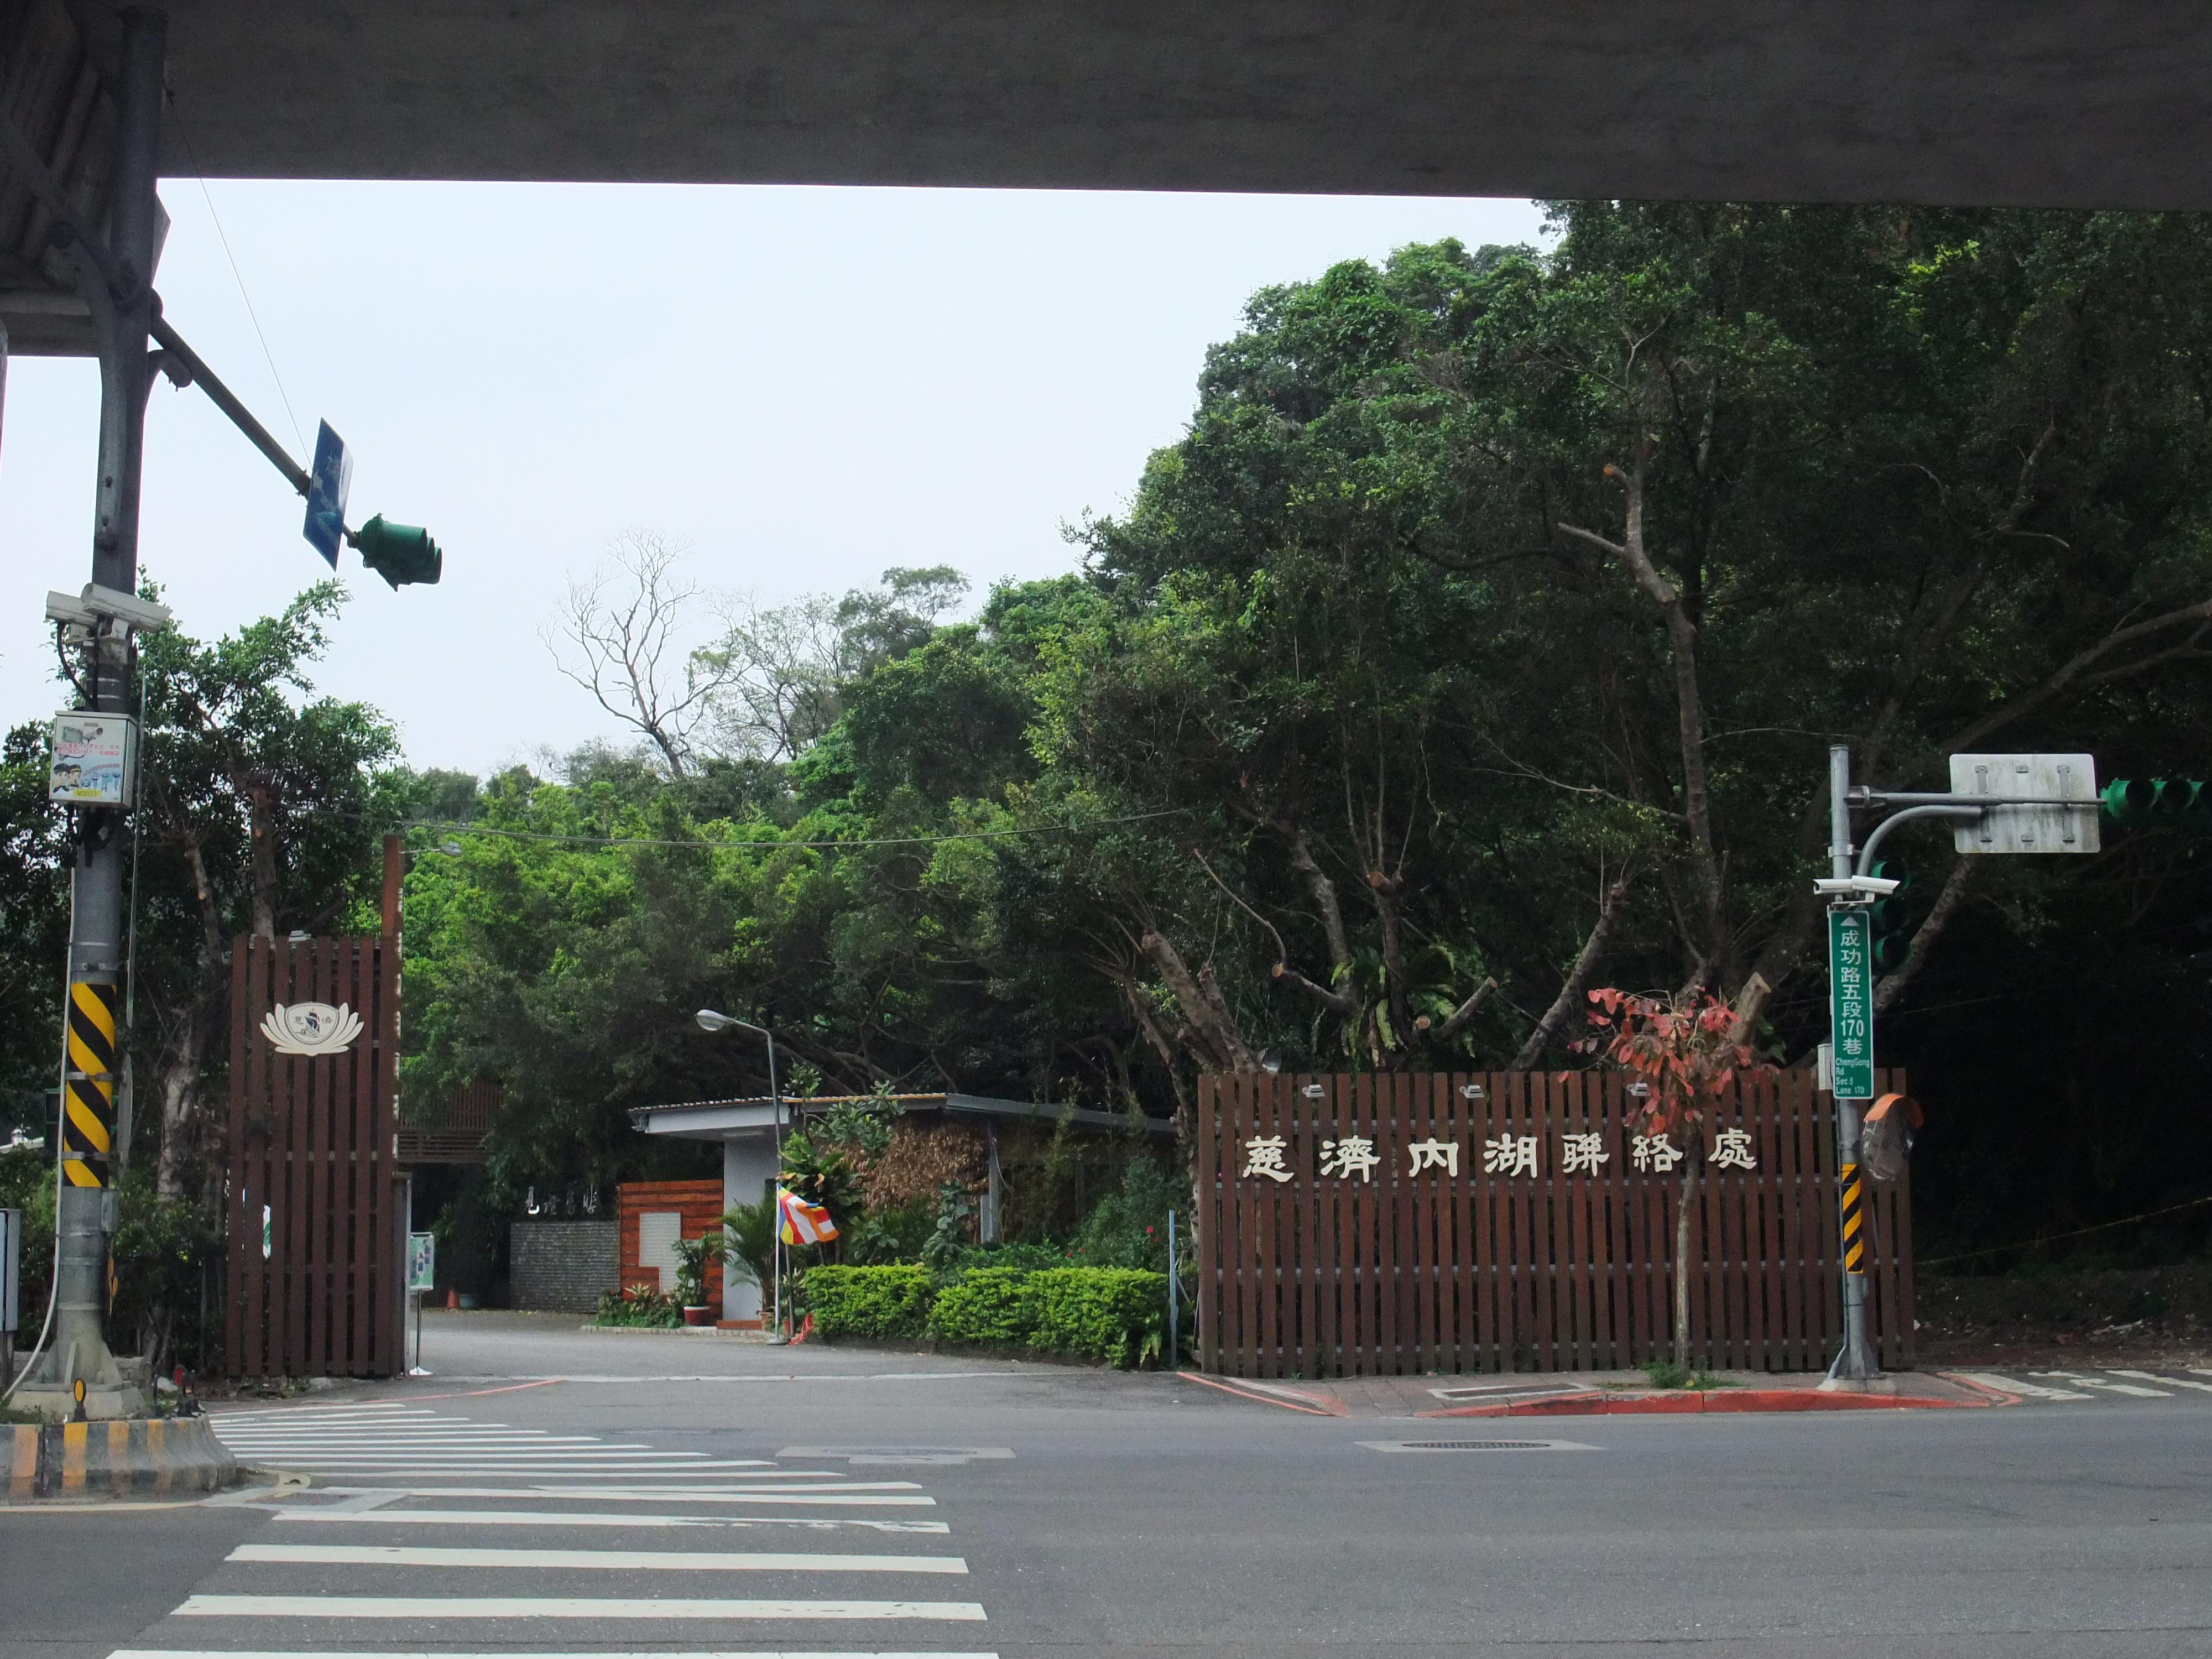 北 事件 千里 公園